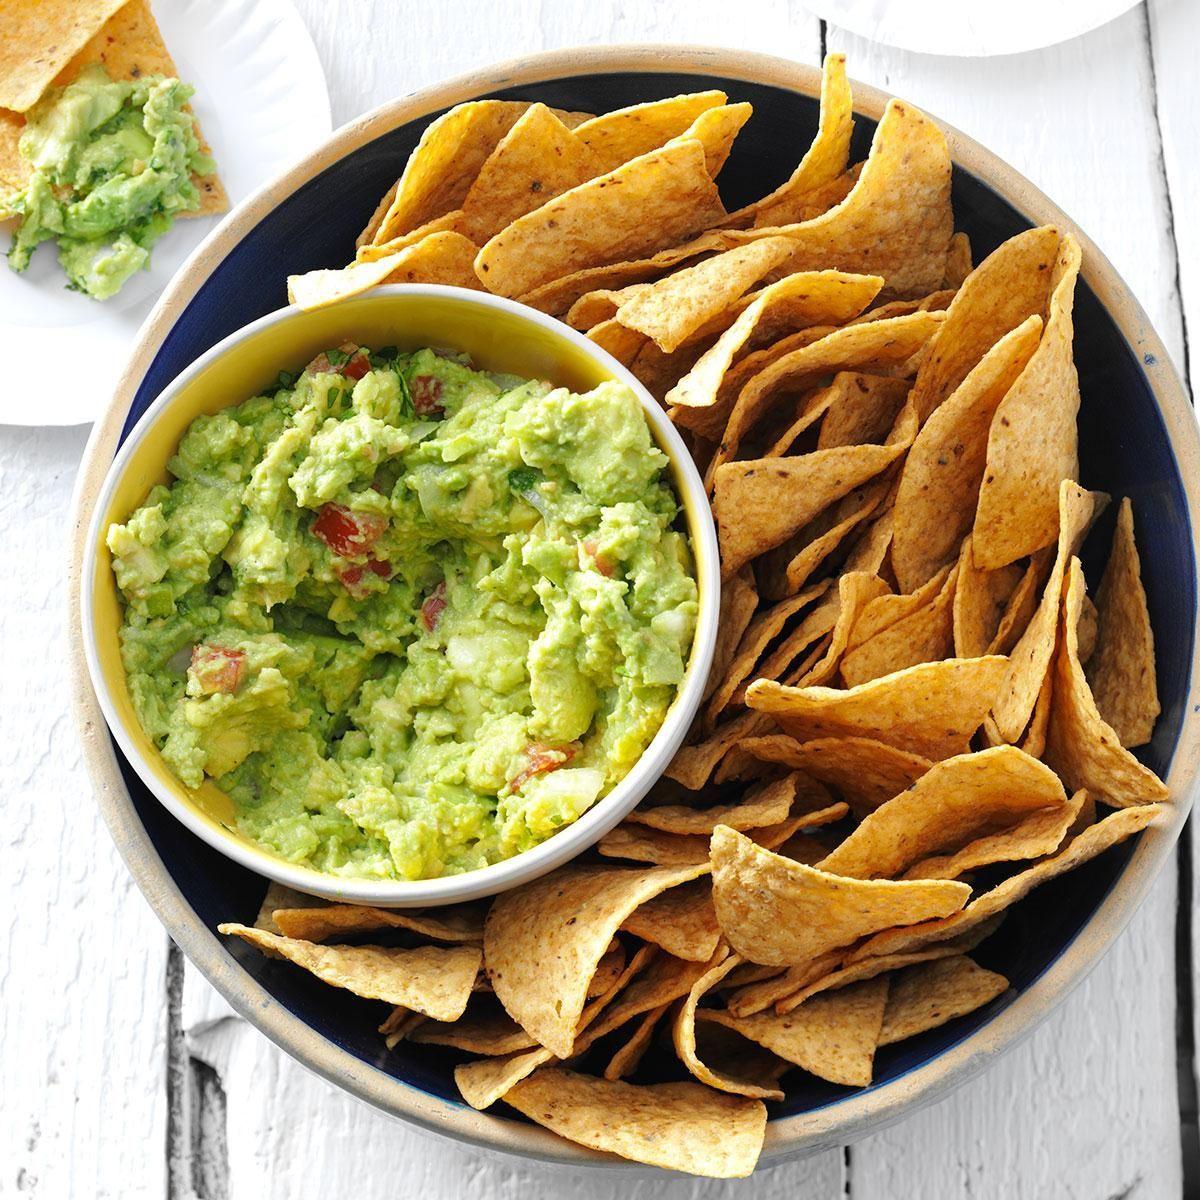 Catherines guacamole in 2020 greens recipe food guacamole